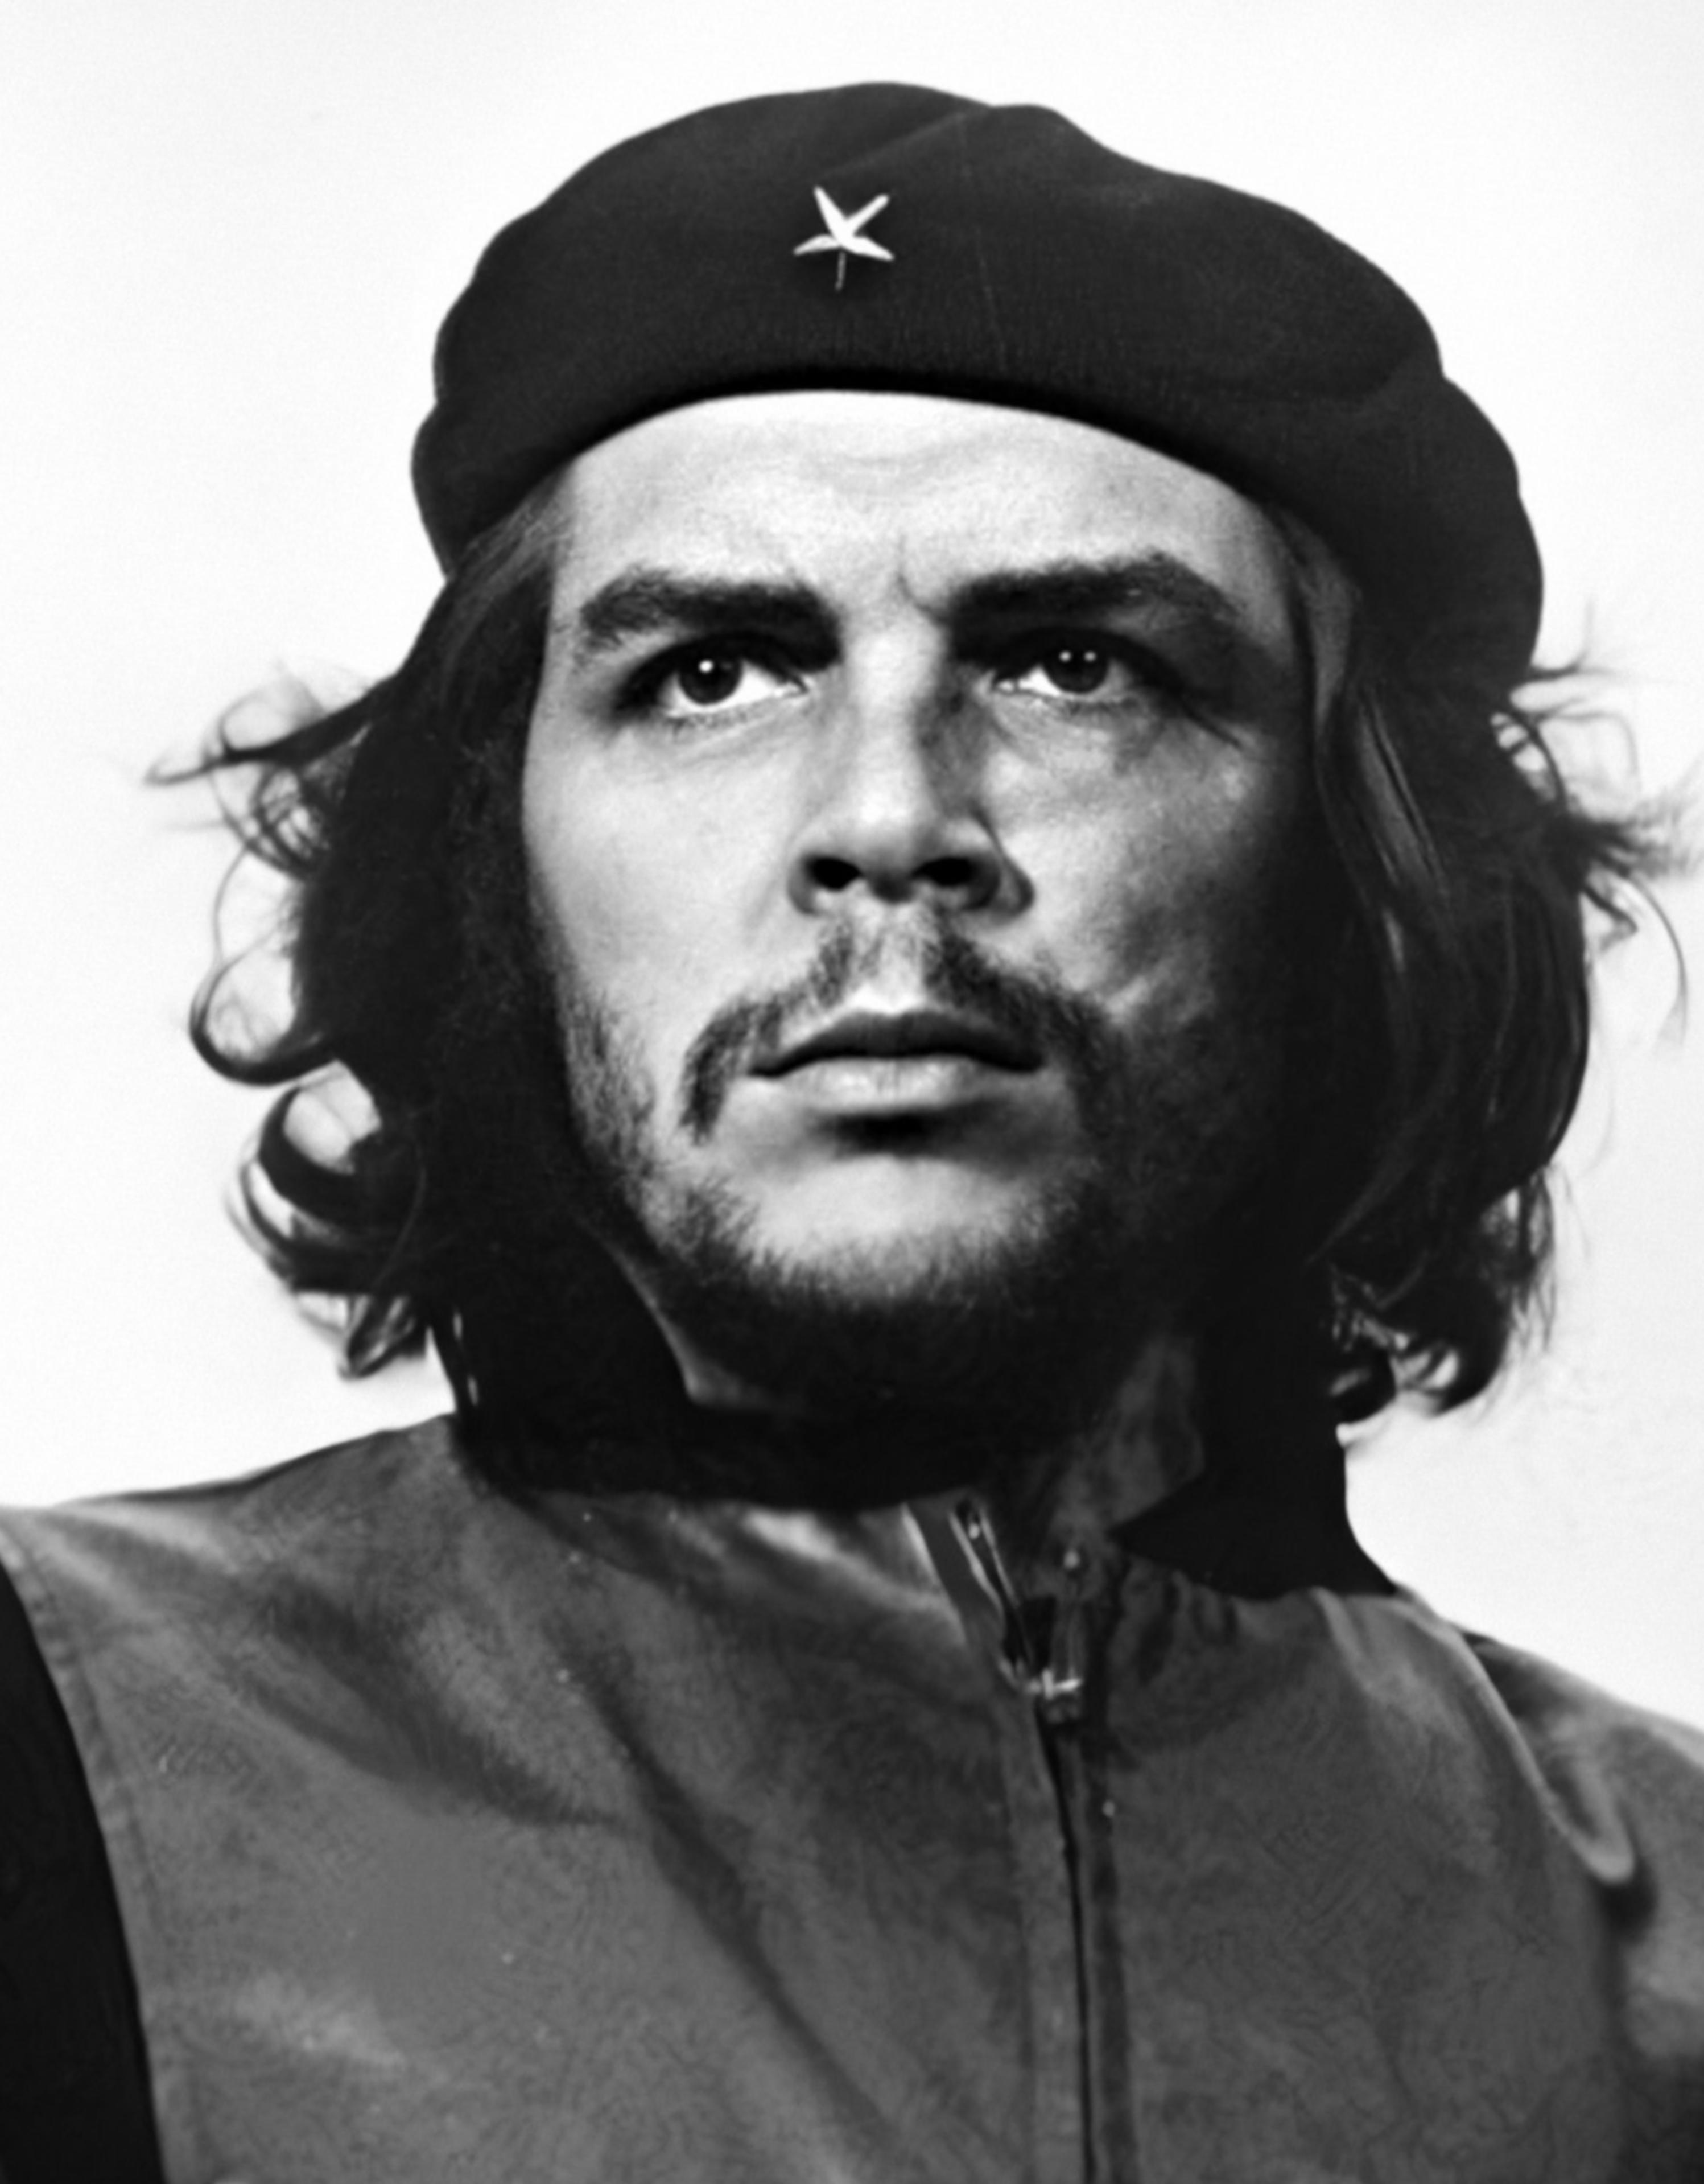 Depiction of Ernesto